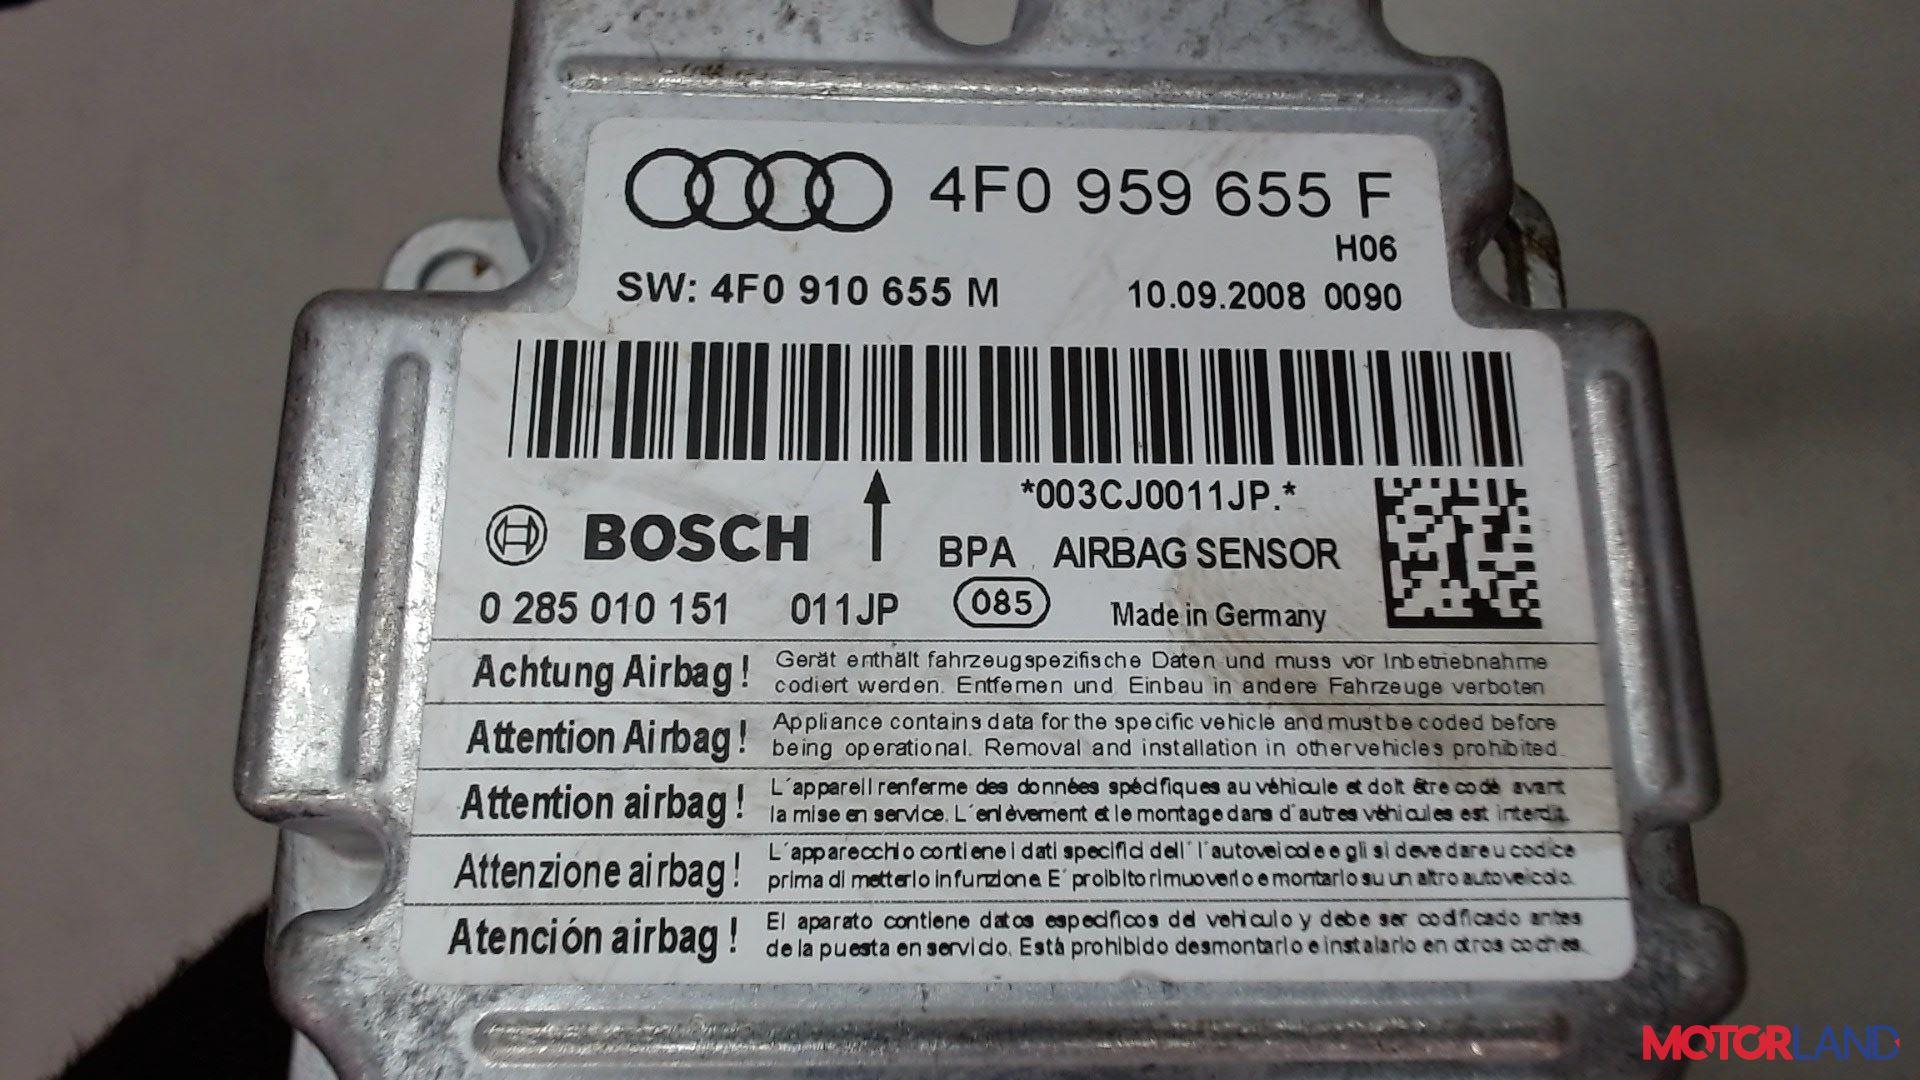 Блок управления (ЭБУ) Audi A6 (C6) 2005-2011 3 л. 2009 CCAA б/у #4